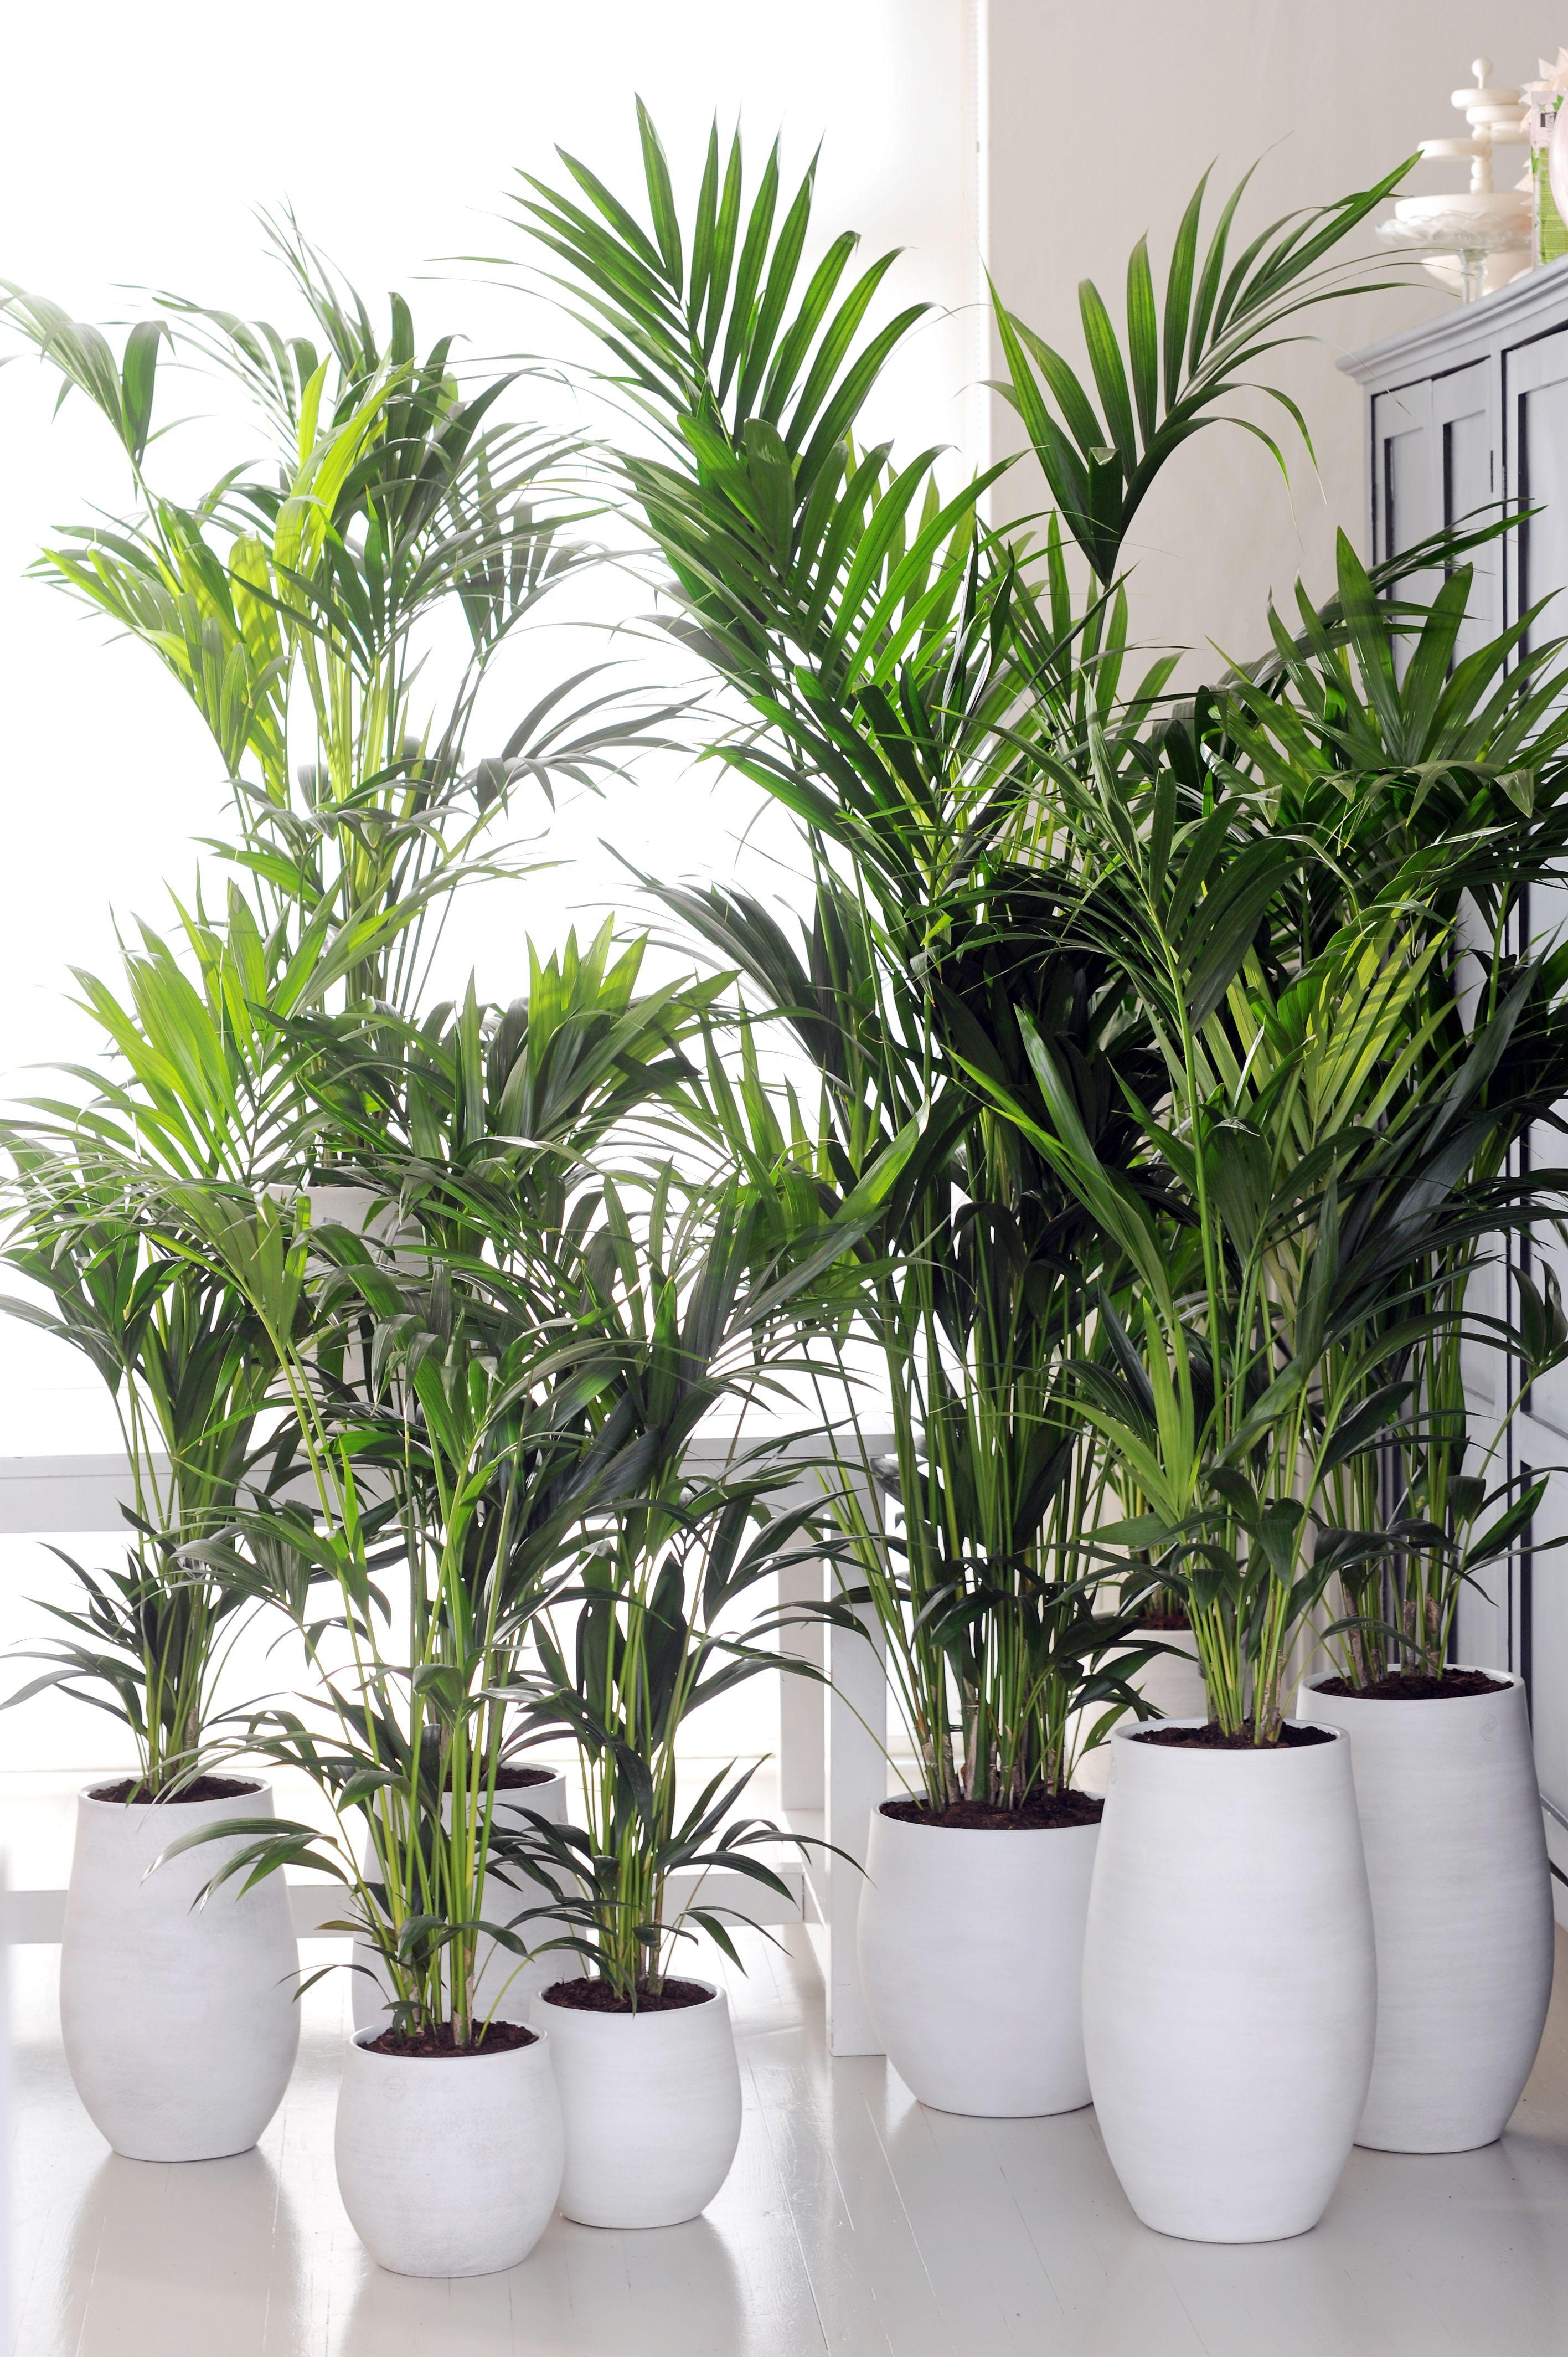 die kentia-palme | plants